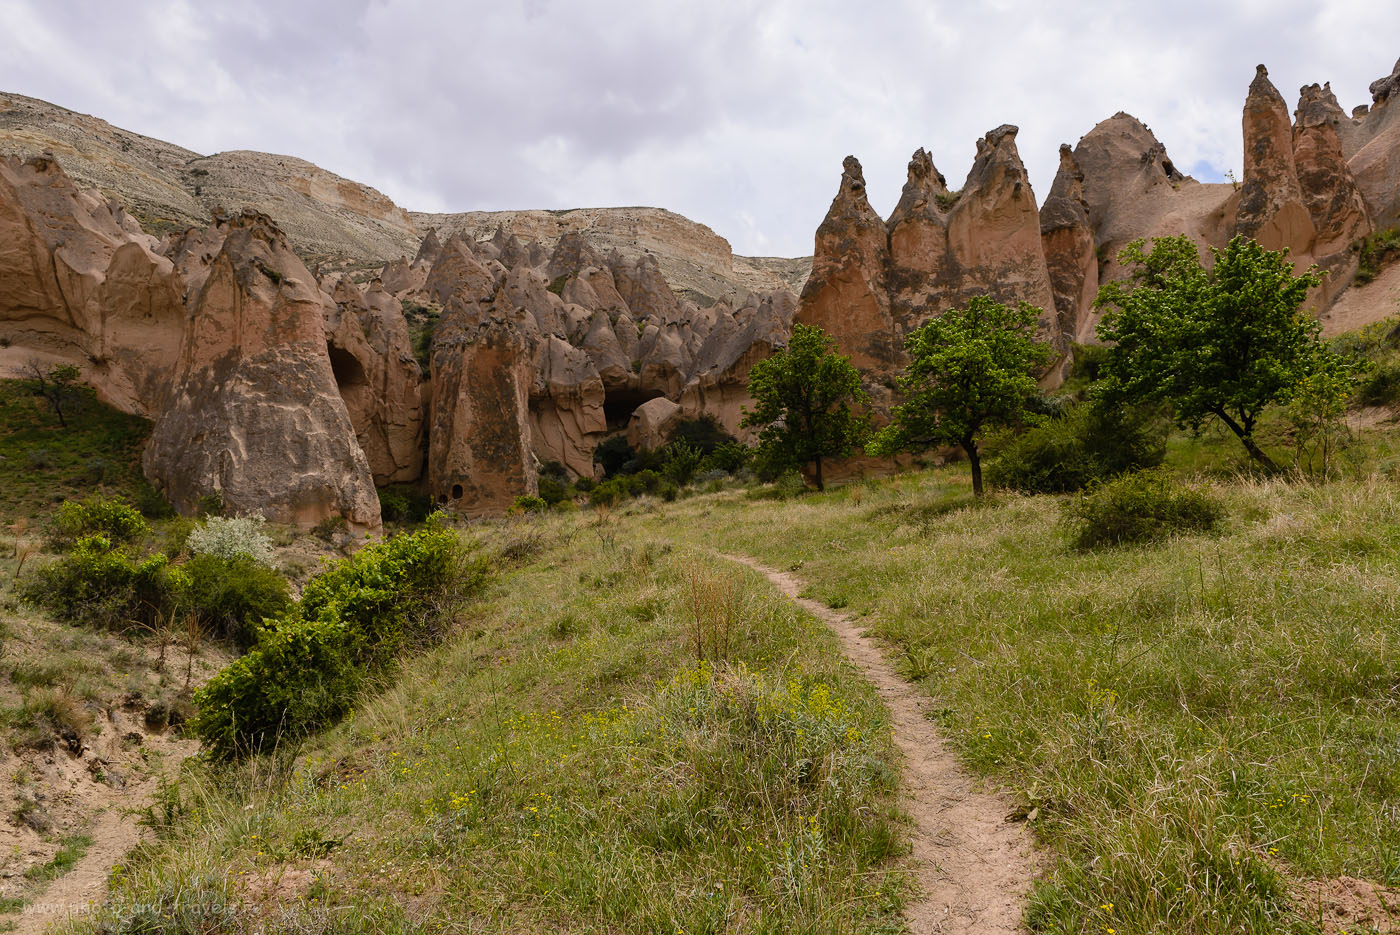 Фотография 11. Скалы в долине Зельве. Как мы поехали на отдых в Турцию самостоятельно. 1/800, -0.67, 8.0, 160, 24.